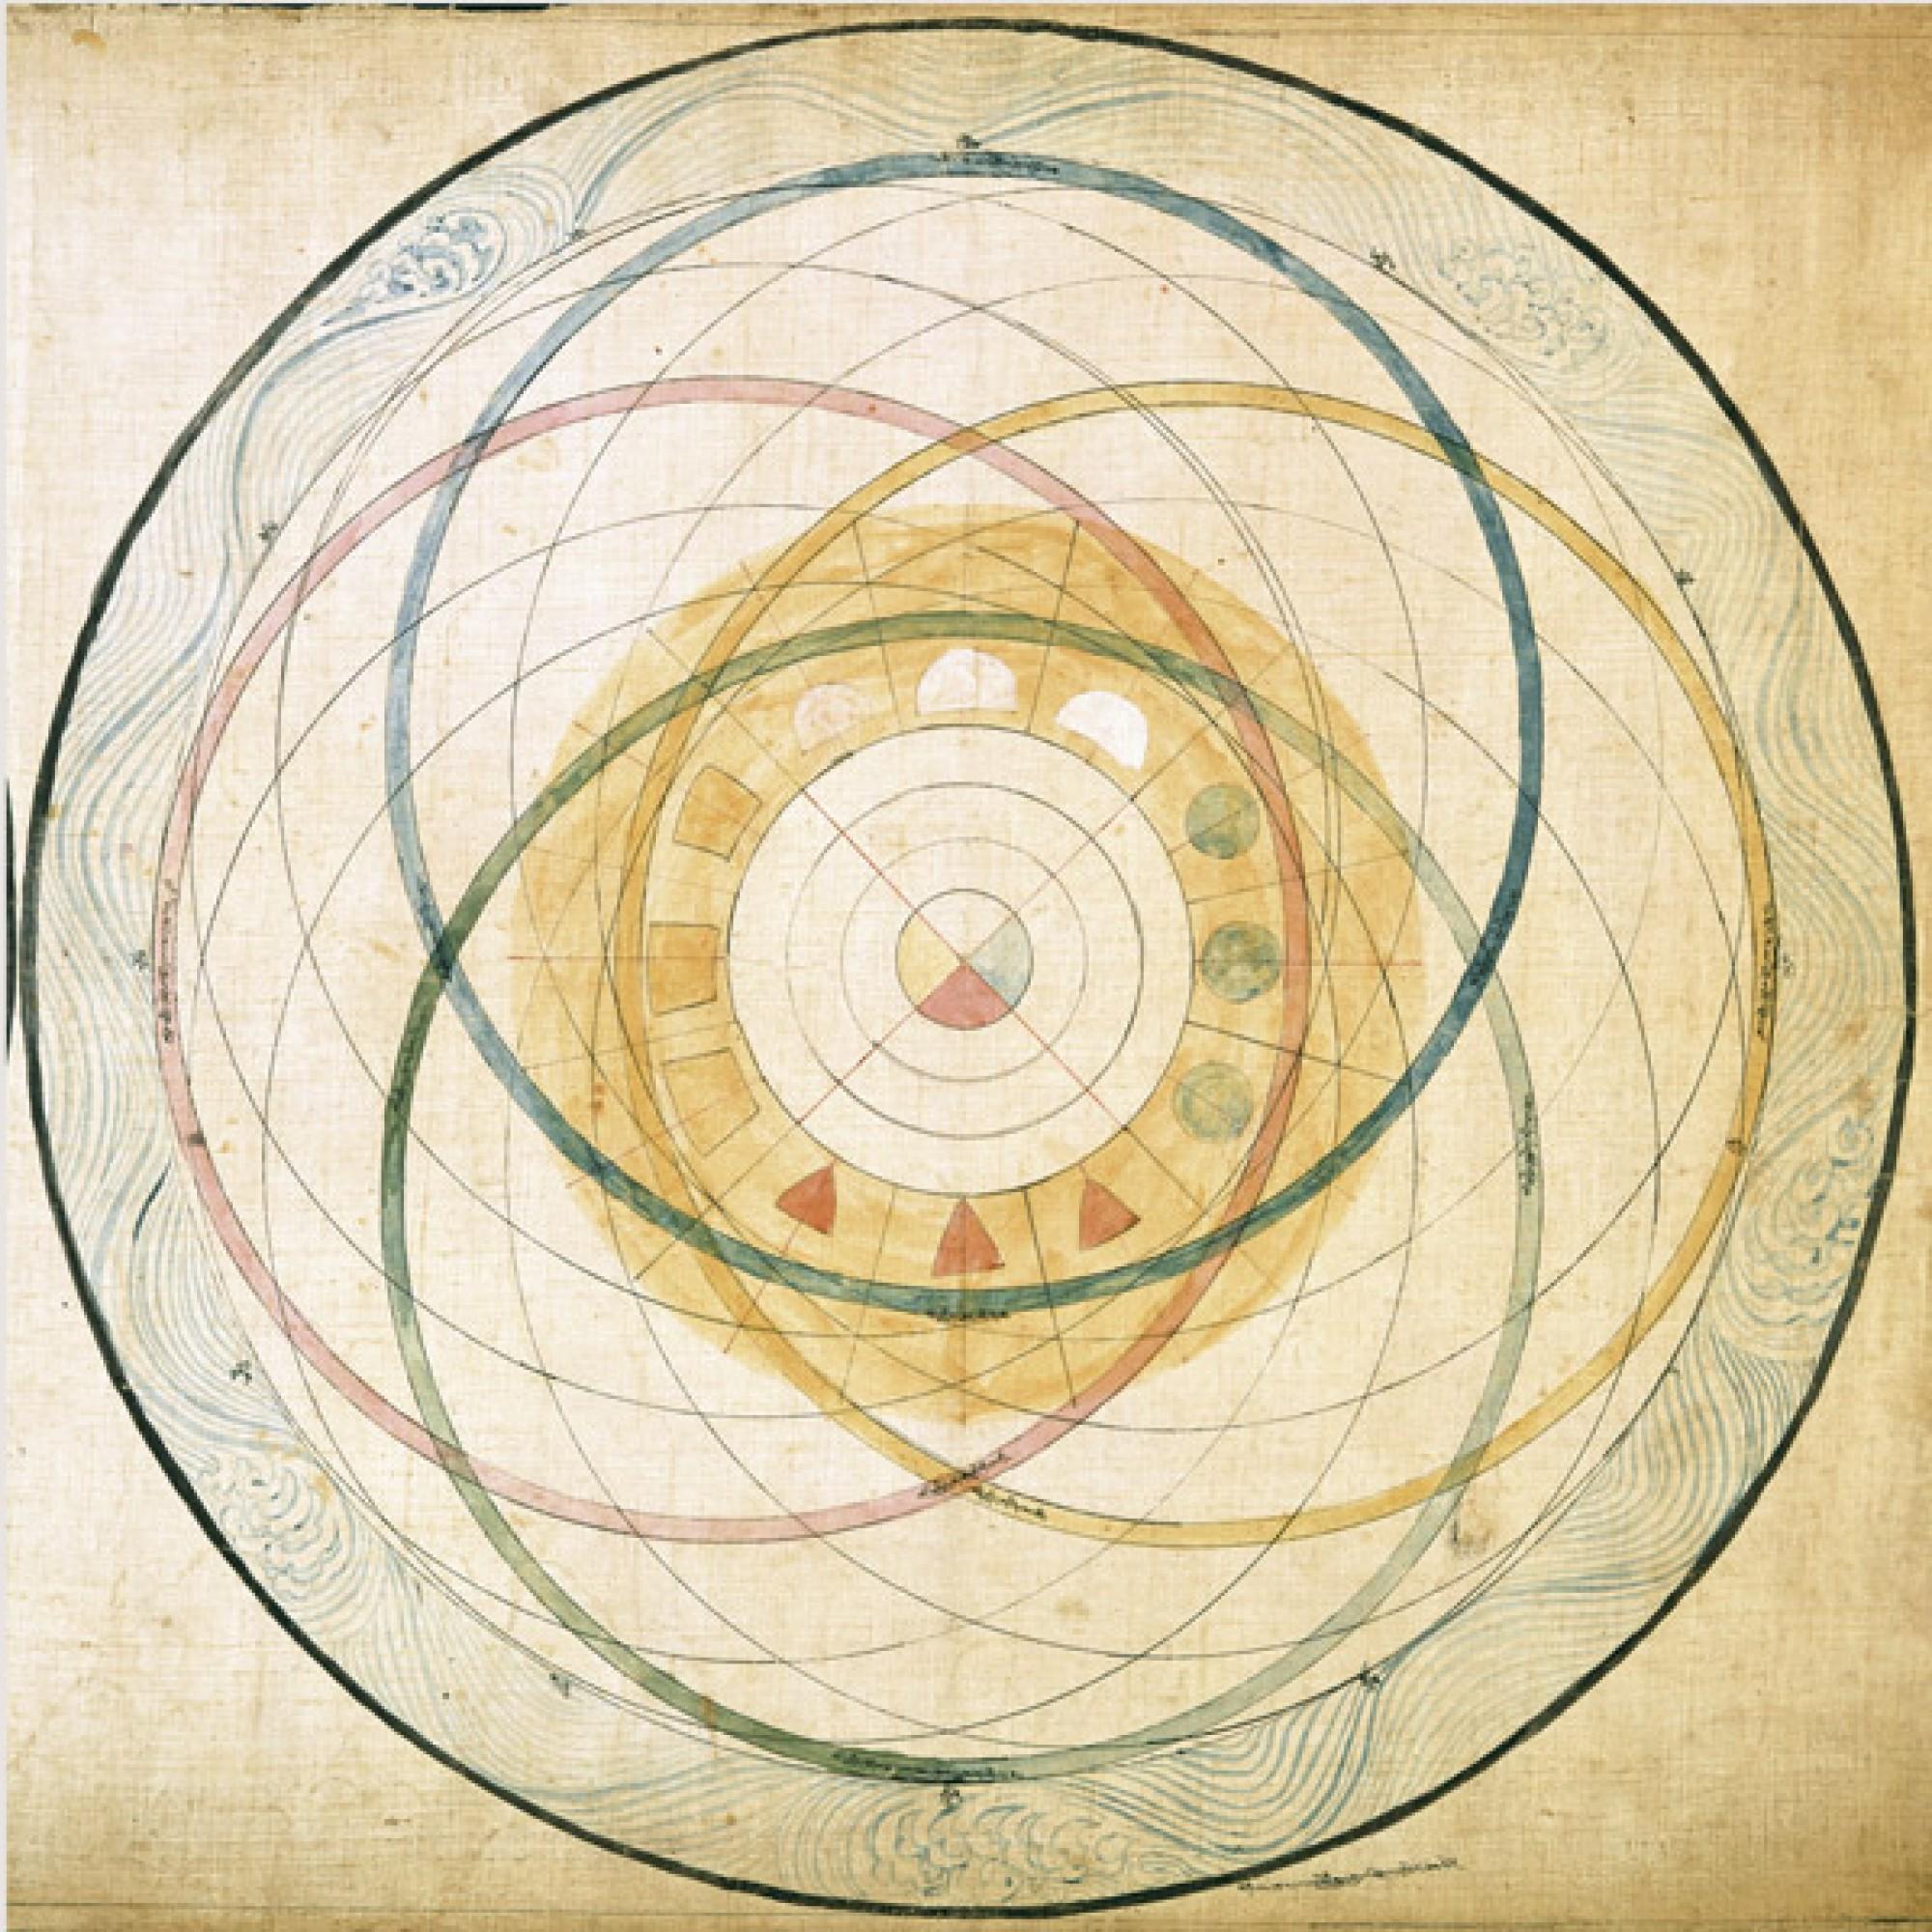 Die zwölf Windbahnen, auf denen die Sonne um den Berg Meru kreist Ausschnitt einer kosmologischen Bildrolle Tibet, 16. Jh.  ( Rubin Museum of Art / Museum Rietberg)